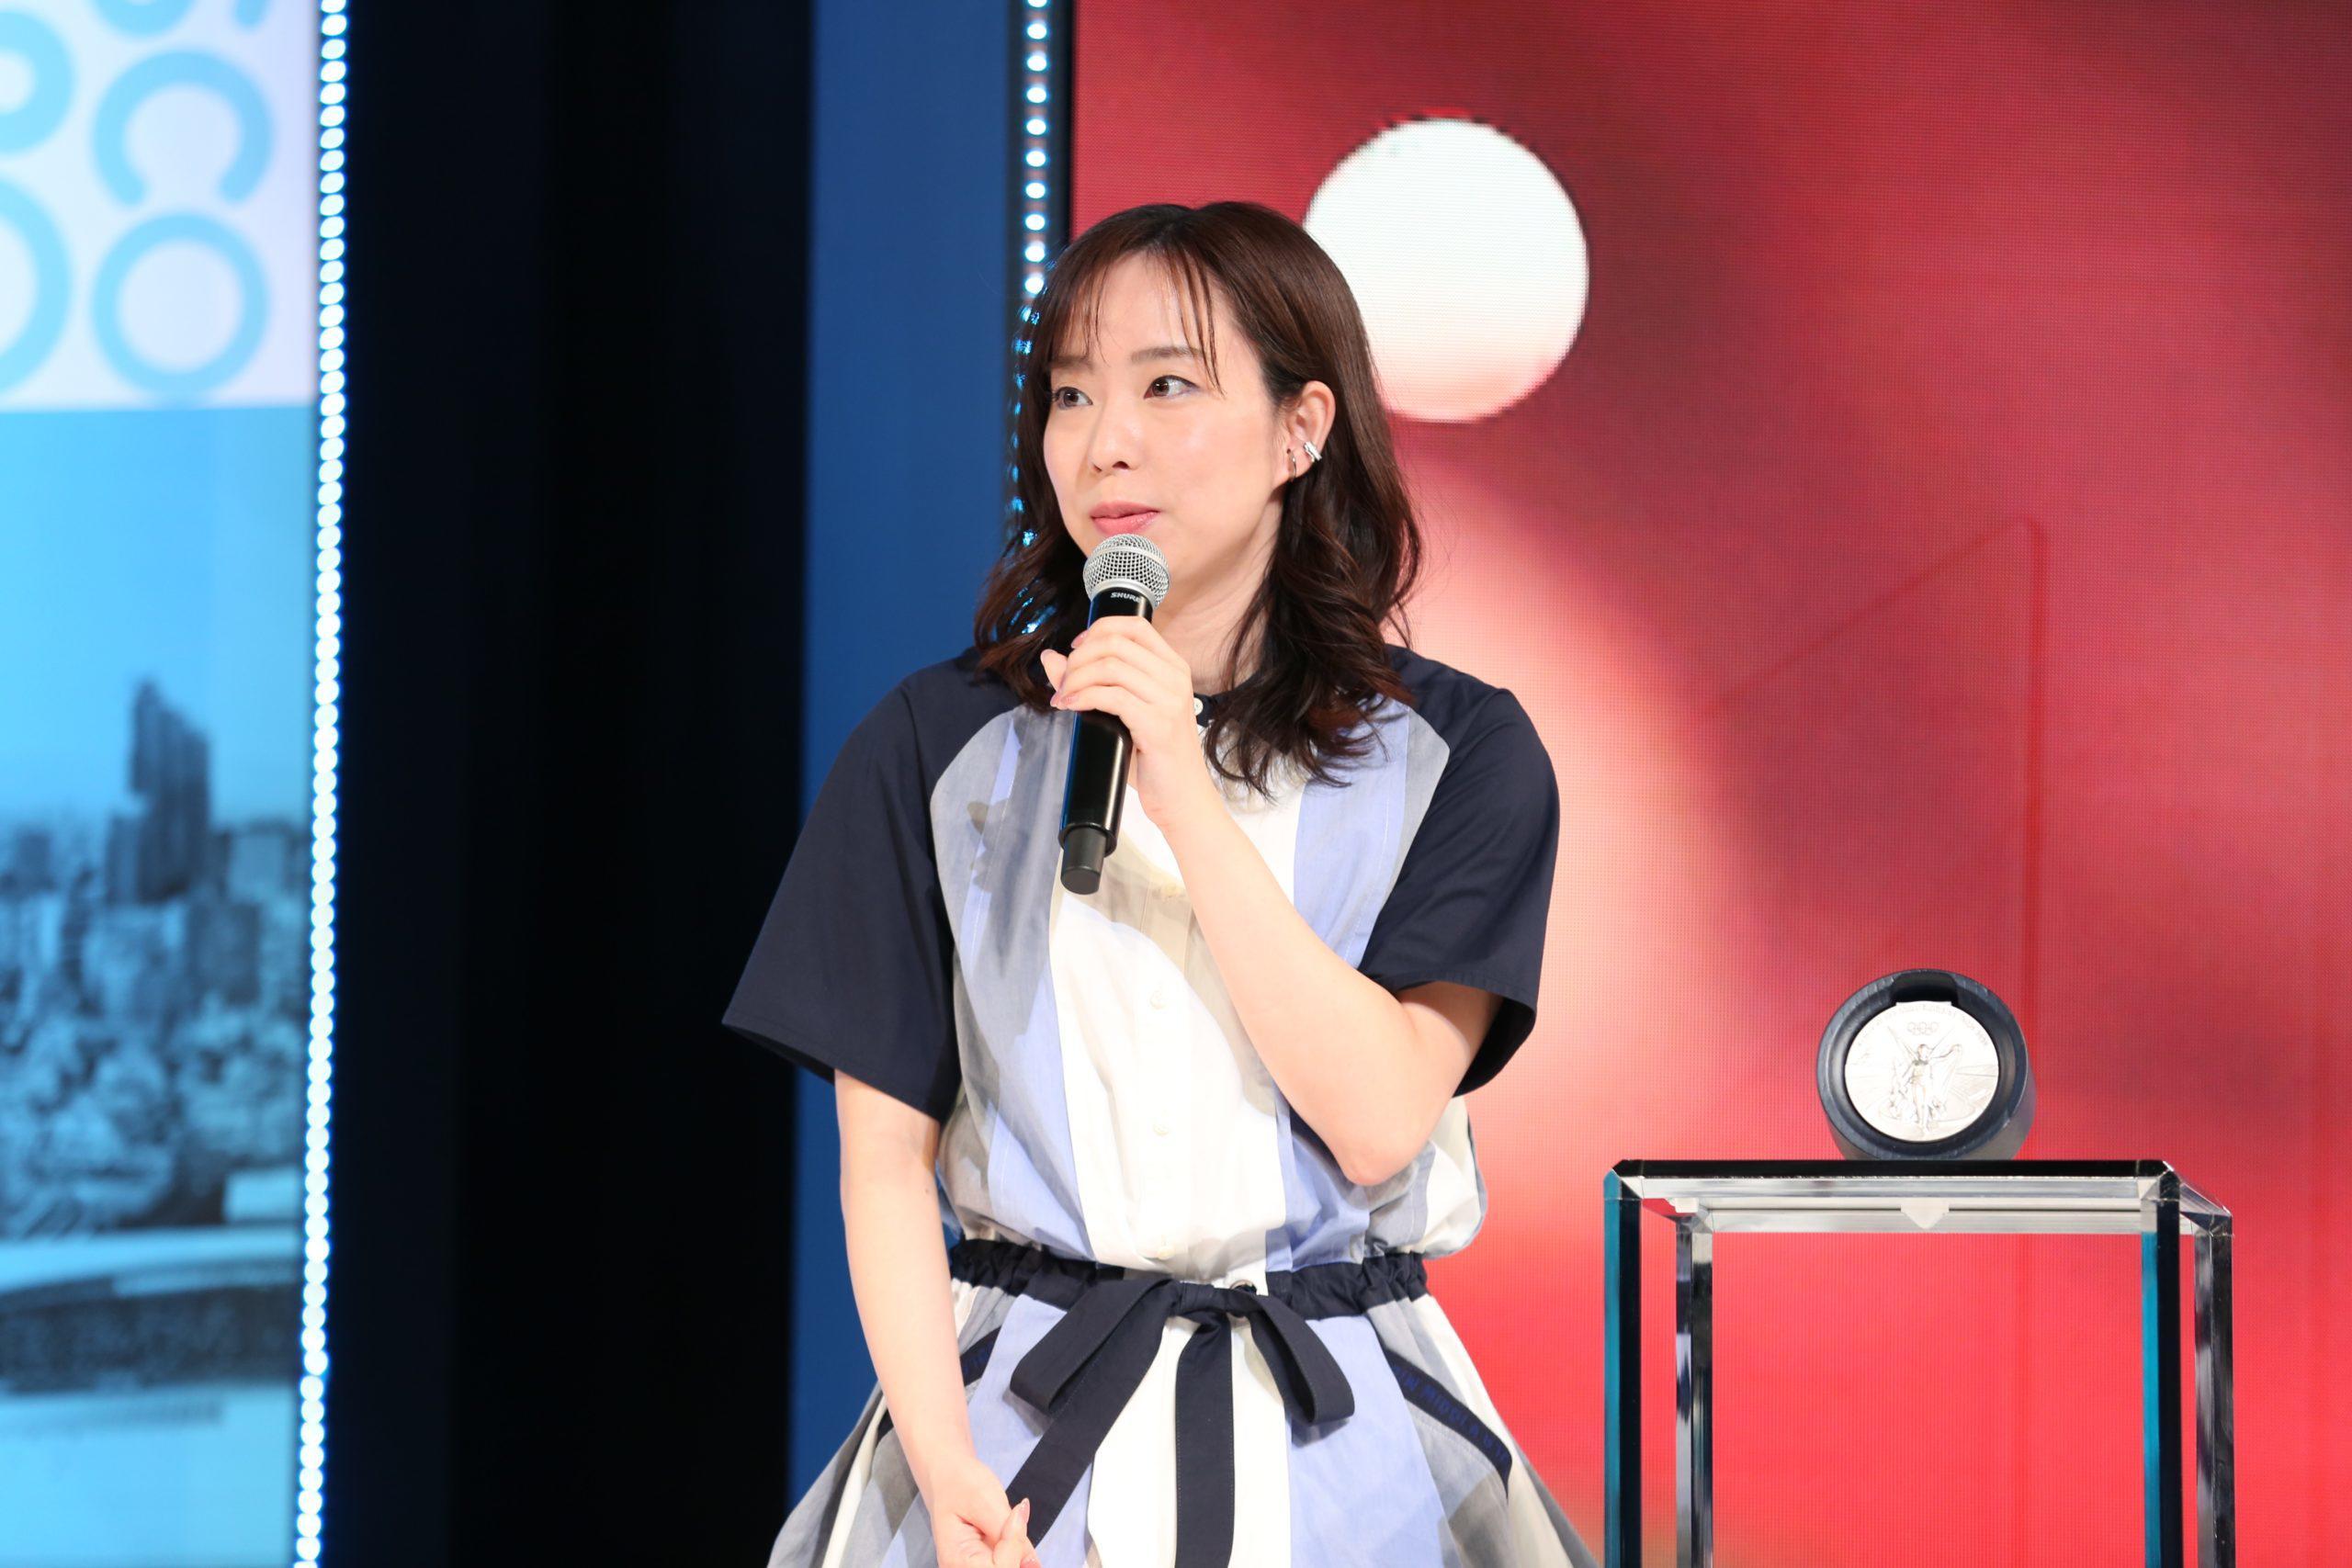 石川佳純は大の映画ファン、最近見た映画はあの名シリーズ 張本智和はあの野菜が食べられなくなった!?